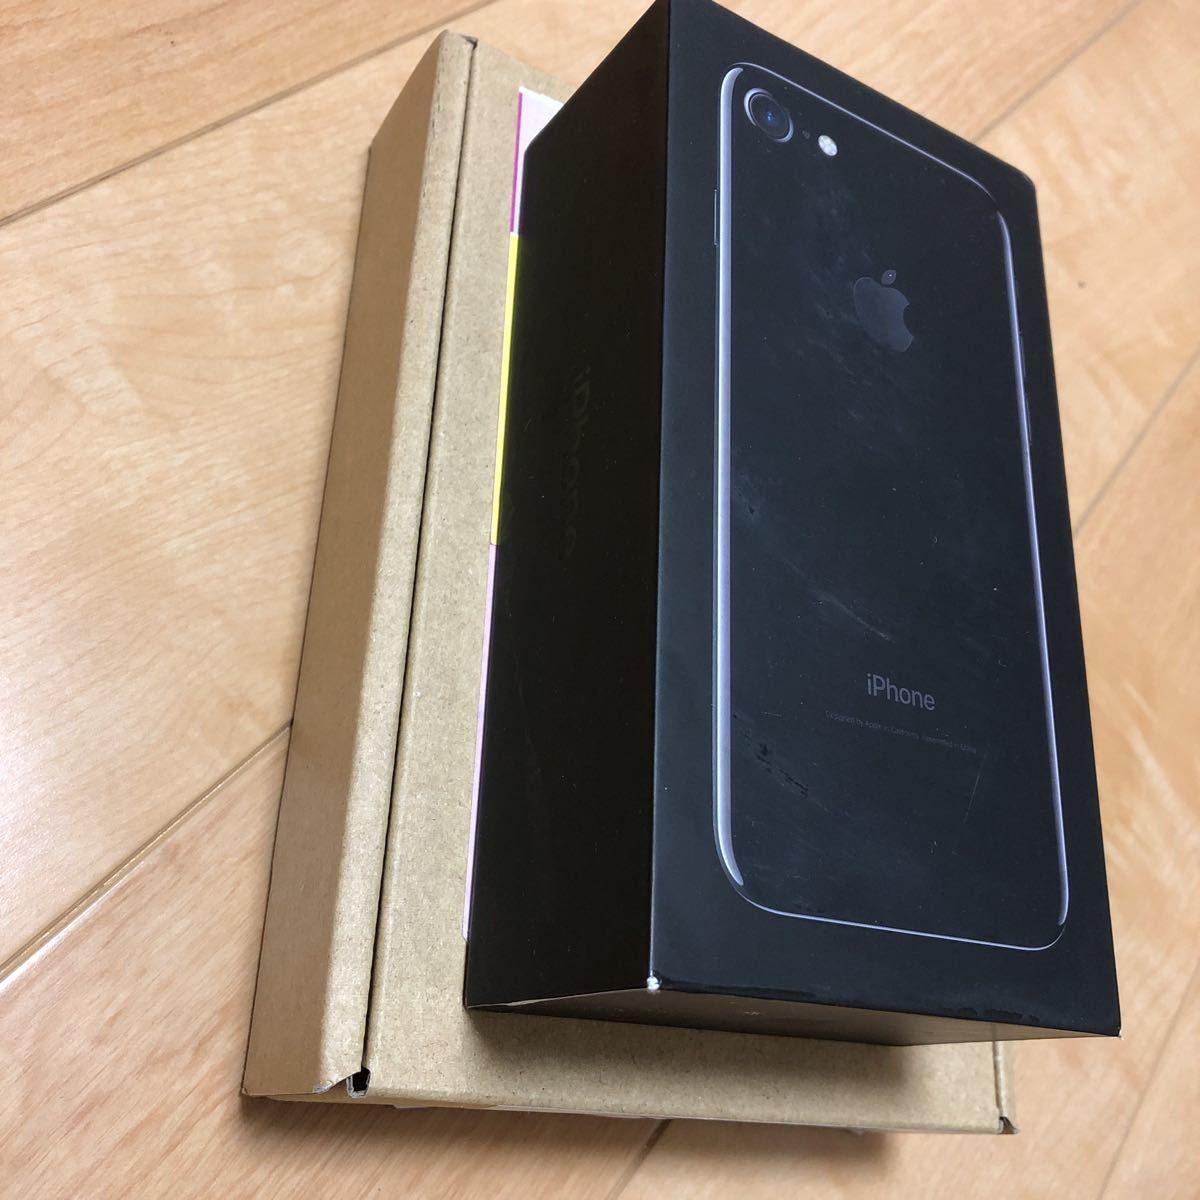 未開封新品アップルiPhone7 128GB JET BLACK 国内版SIMフリー SIMロック解除 利用制限○ 2019年5月までApple正規保証付き iPhone8前モデル